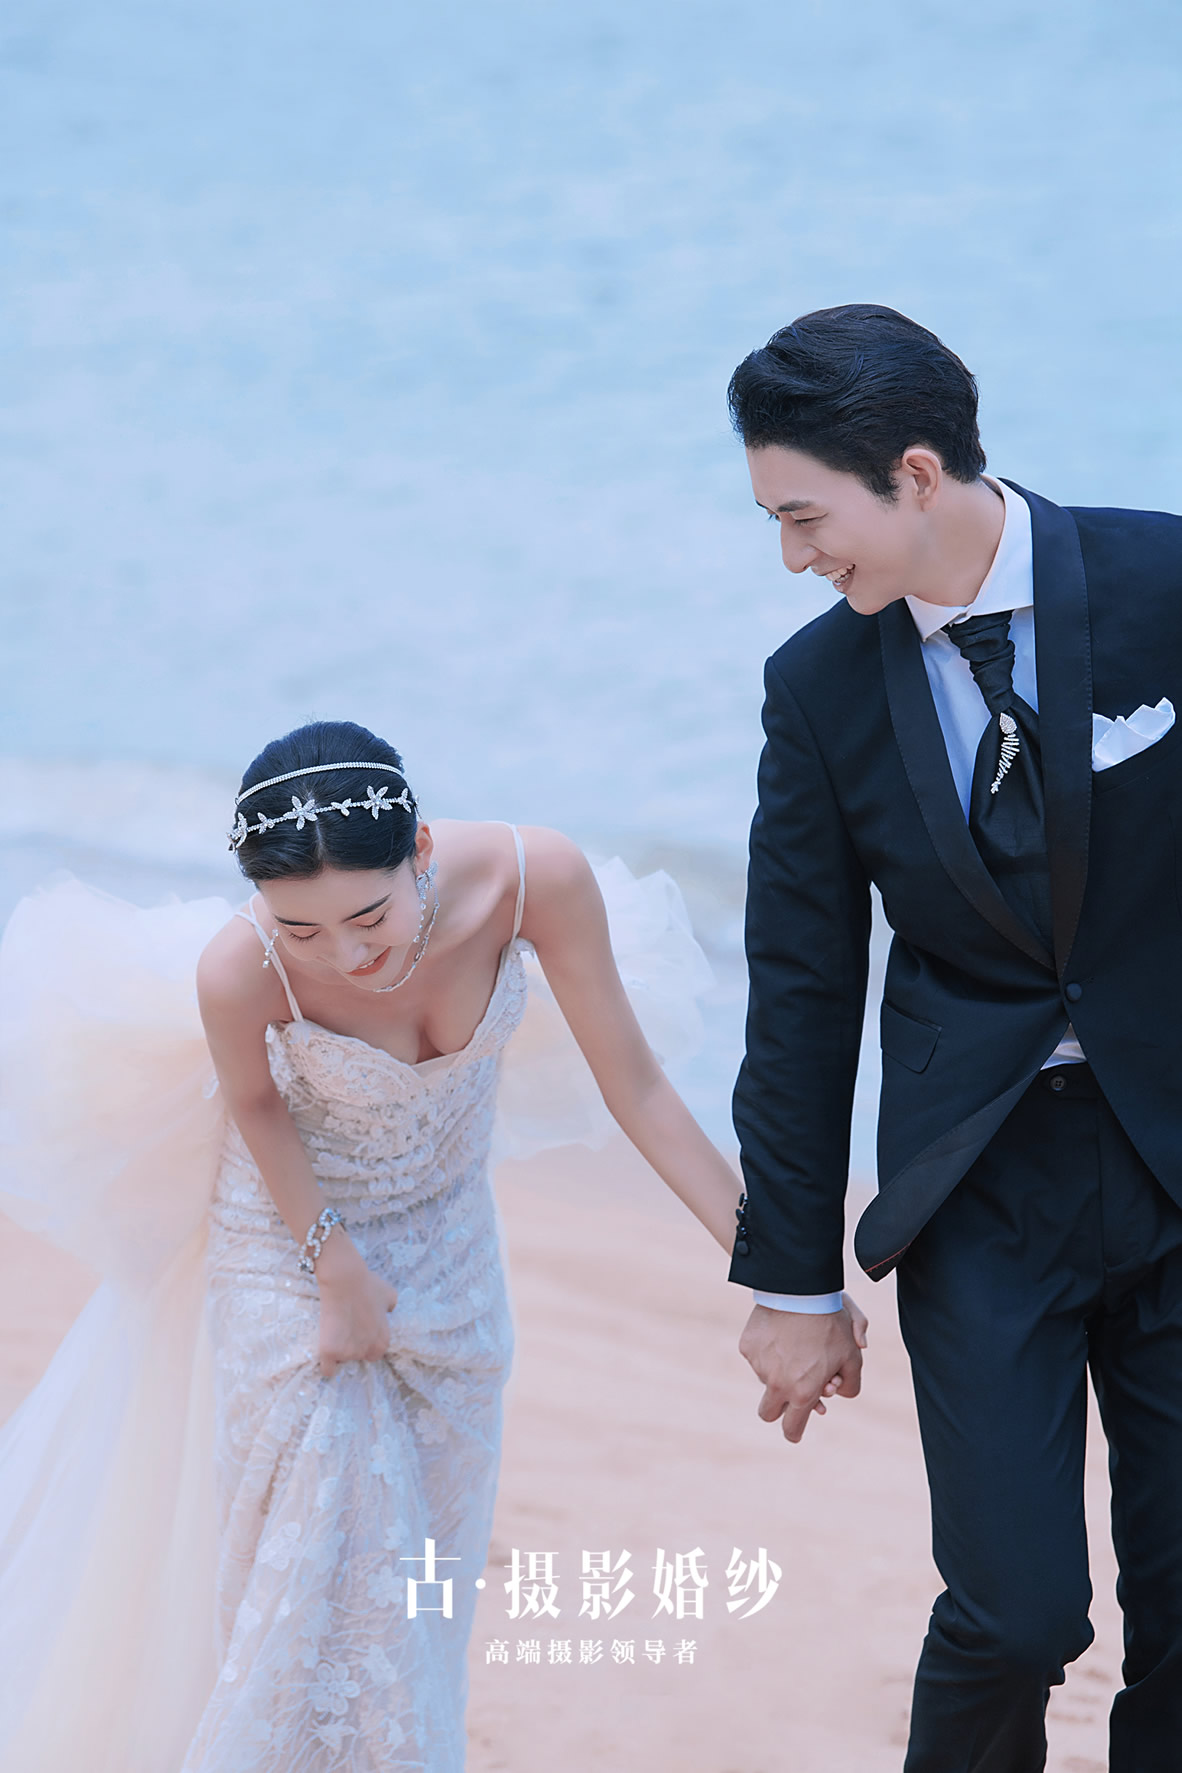 九洲岛《海の练习曲》 - 拍摄地 - 广州婚纱摄影-广州古摄影官网